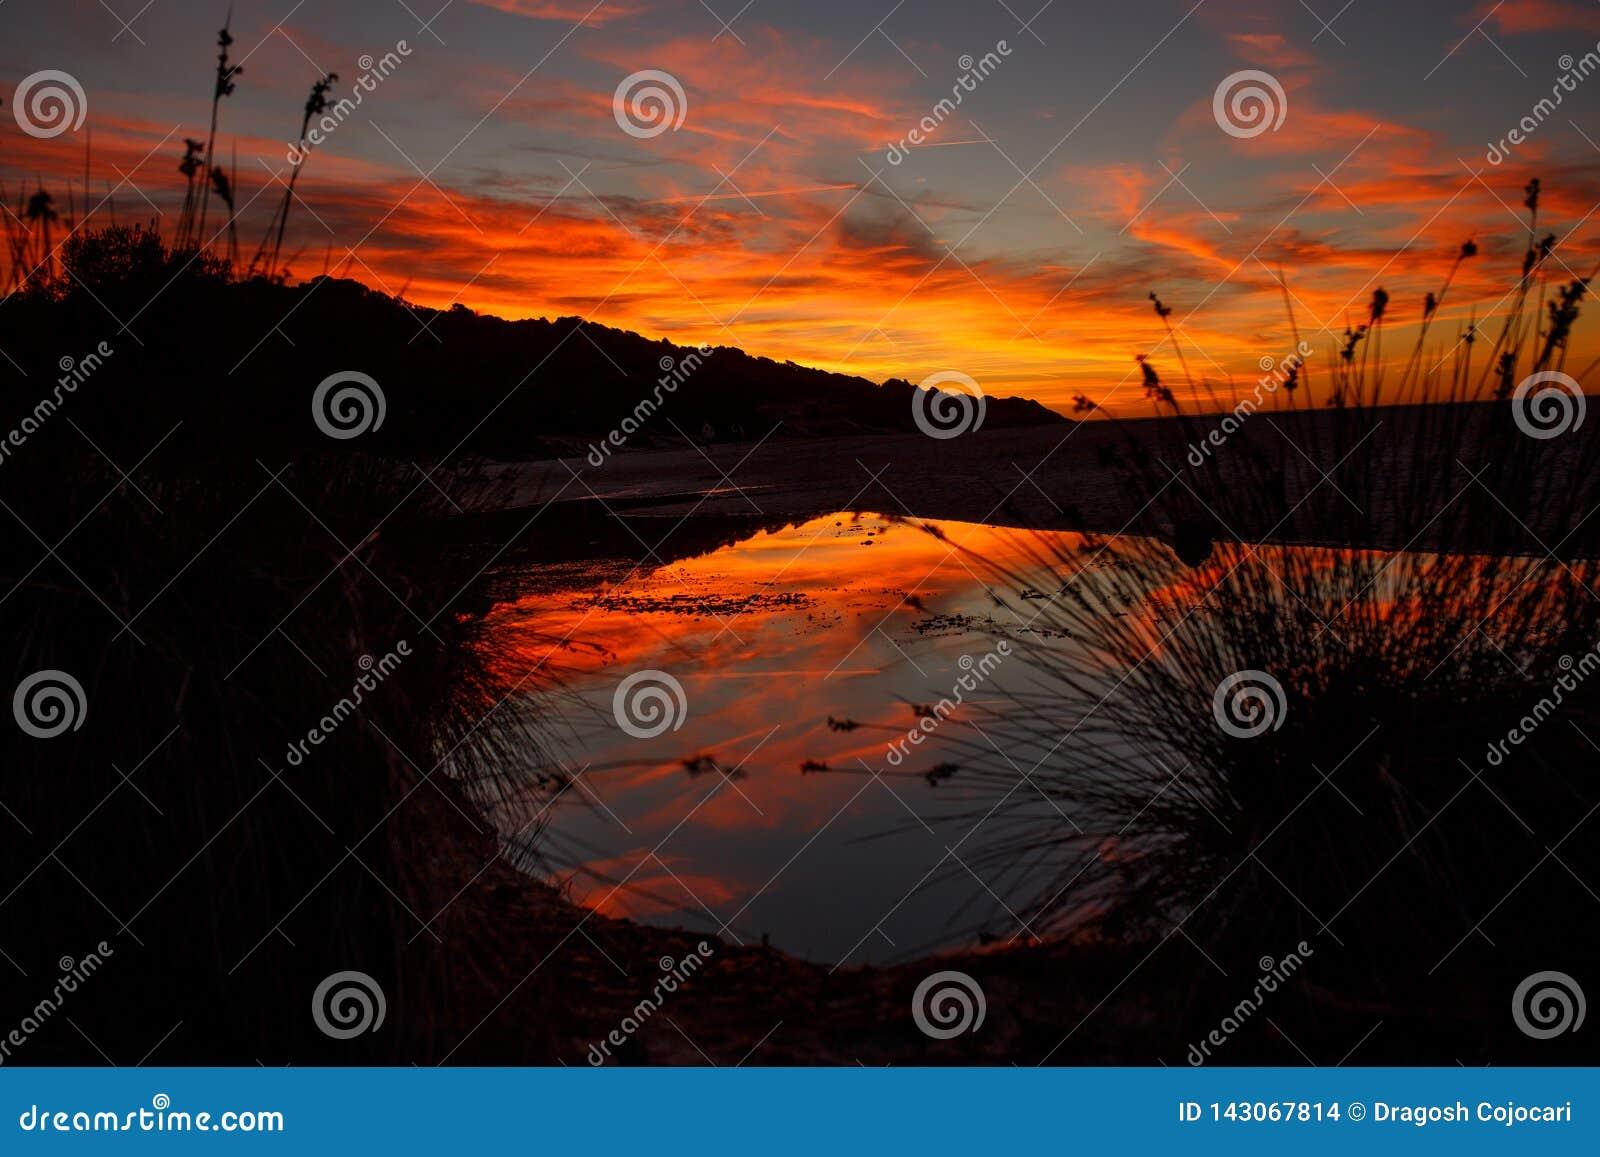 Förbluffa flamma solnedgånglandskap över ön och himlen ovanför den med en enorm sol Solnedgångsikt på stranden